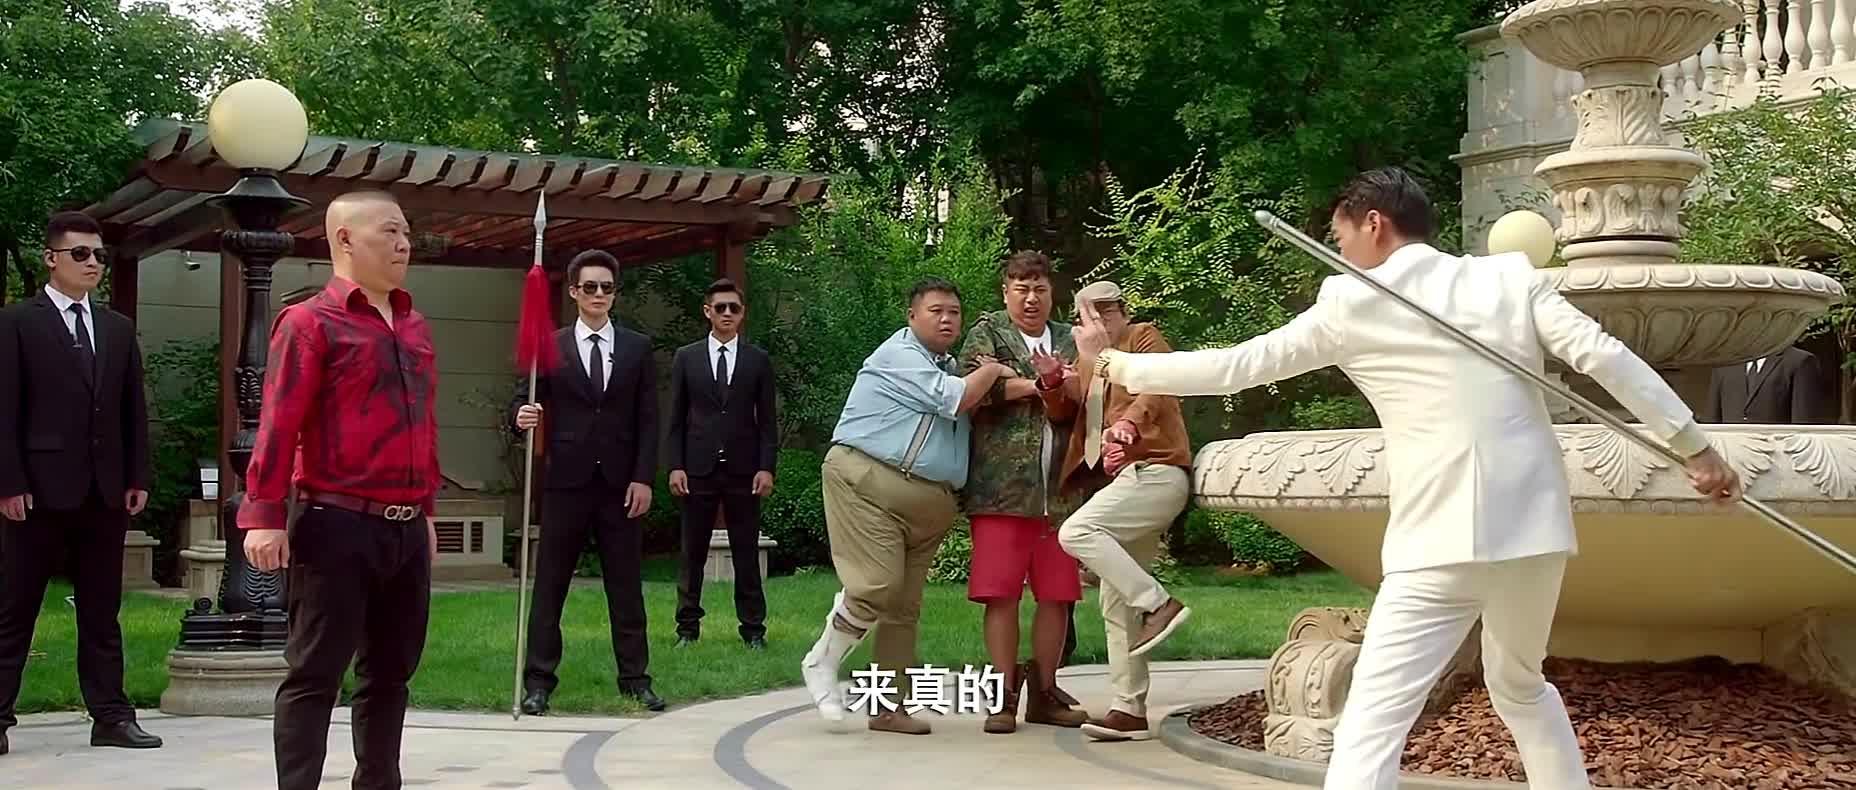 #经典看电影#郭老师演技附体,太搞笑了。